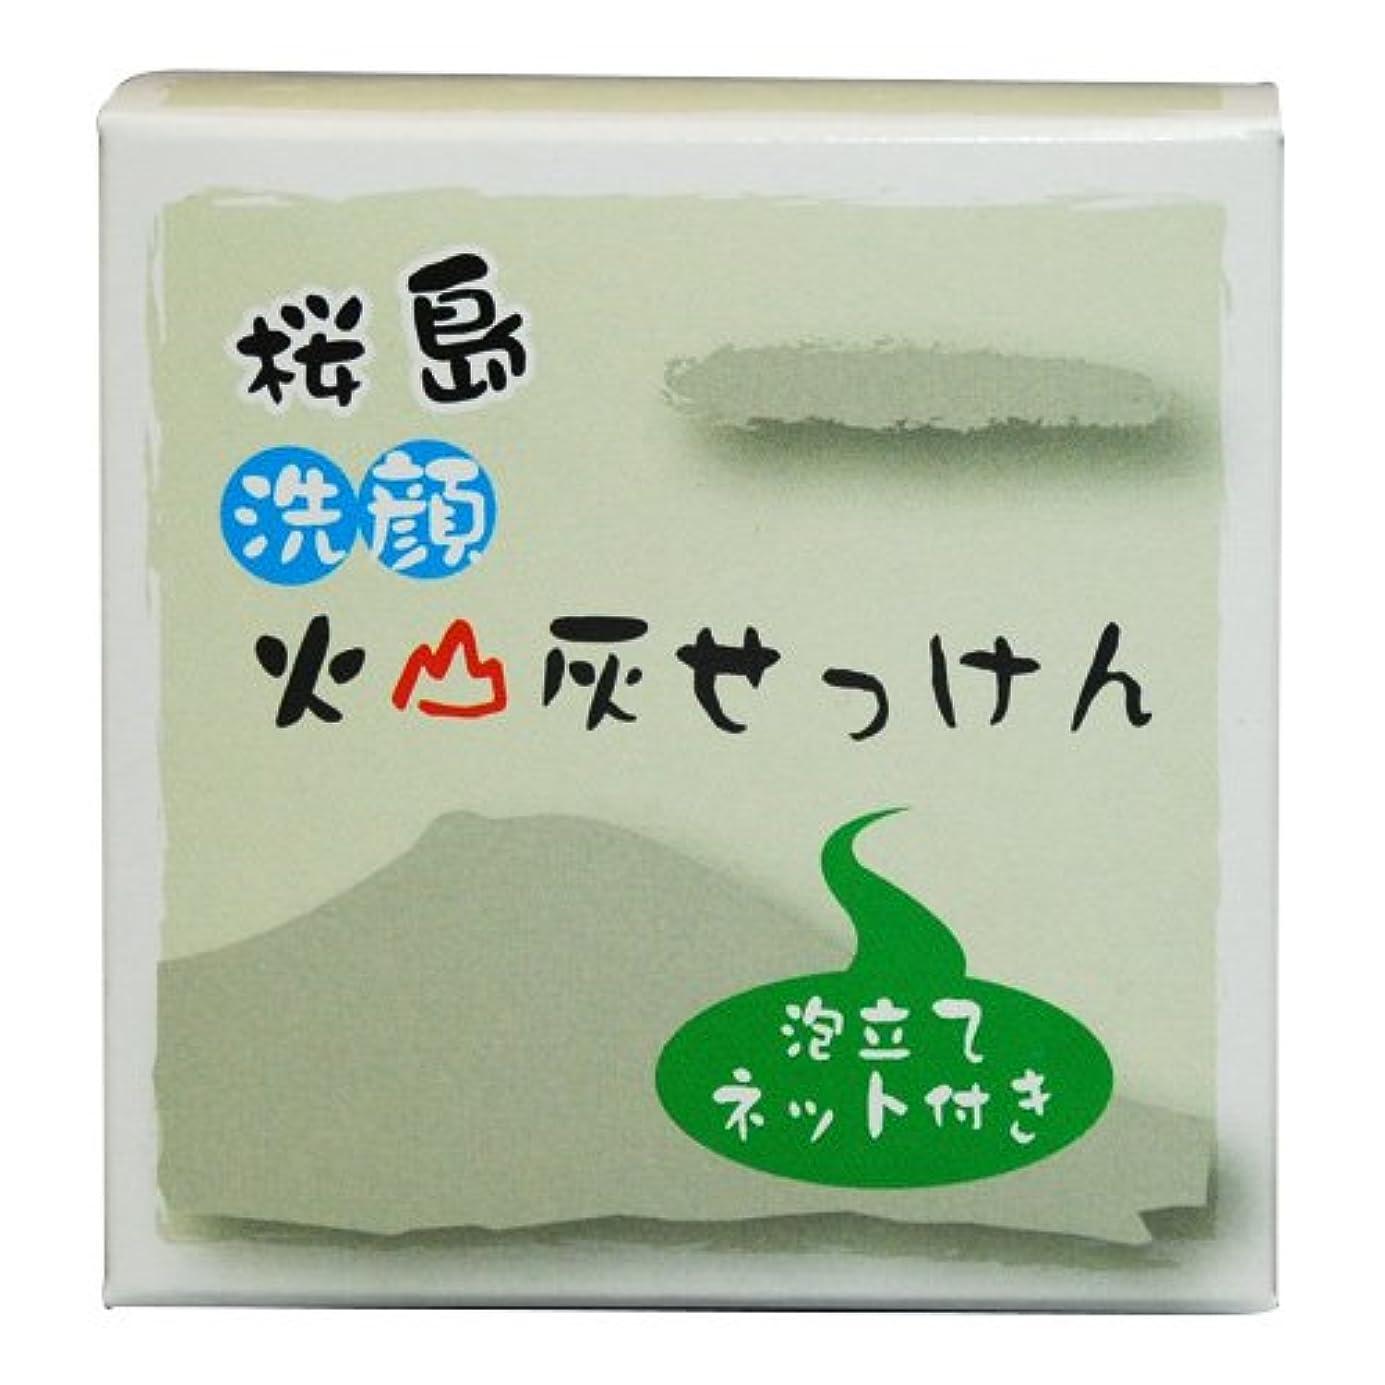 桜島洗顔火山灰せっけん(泡立てネット付き)